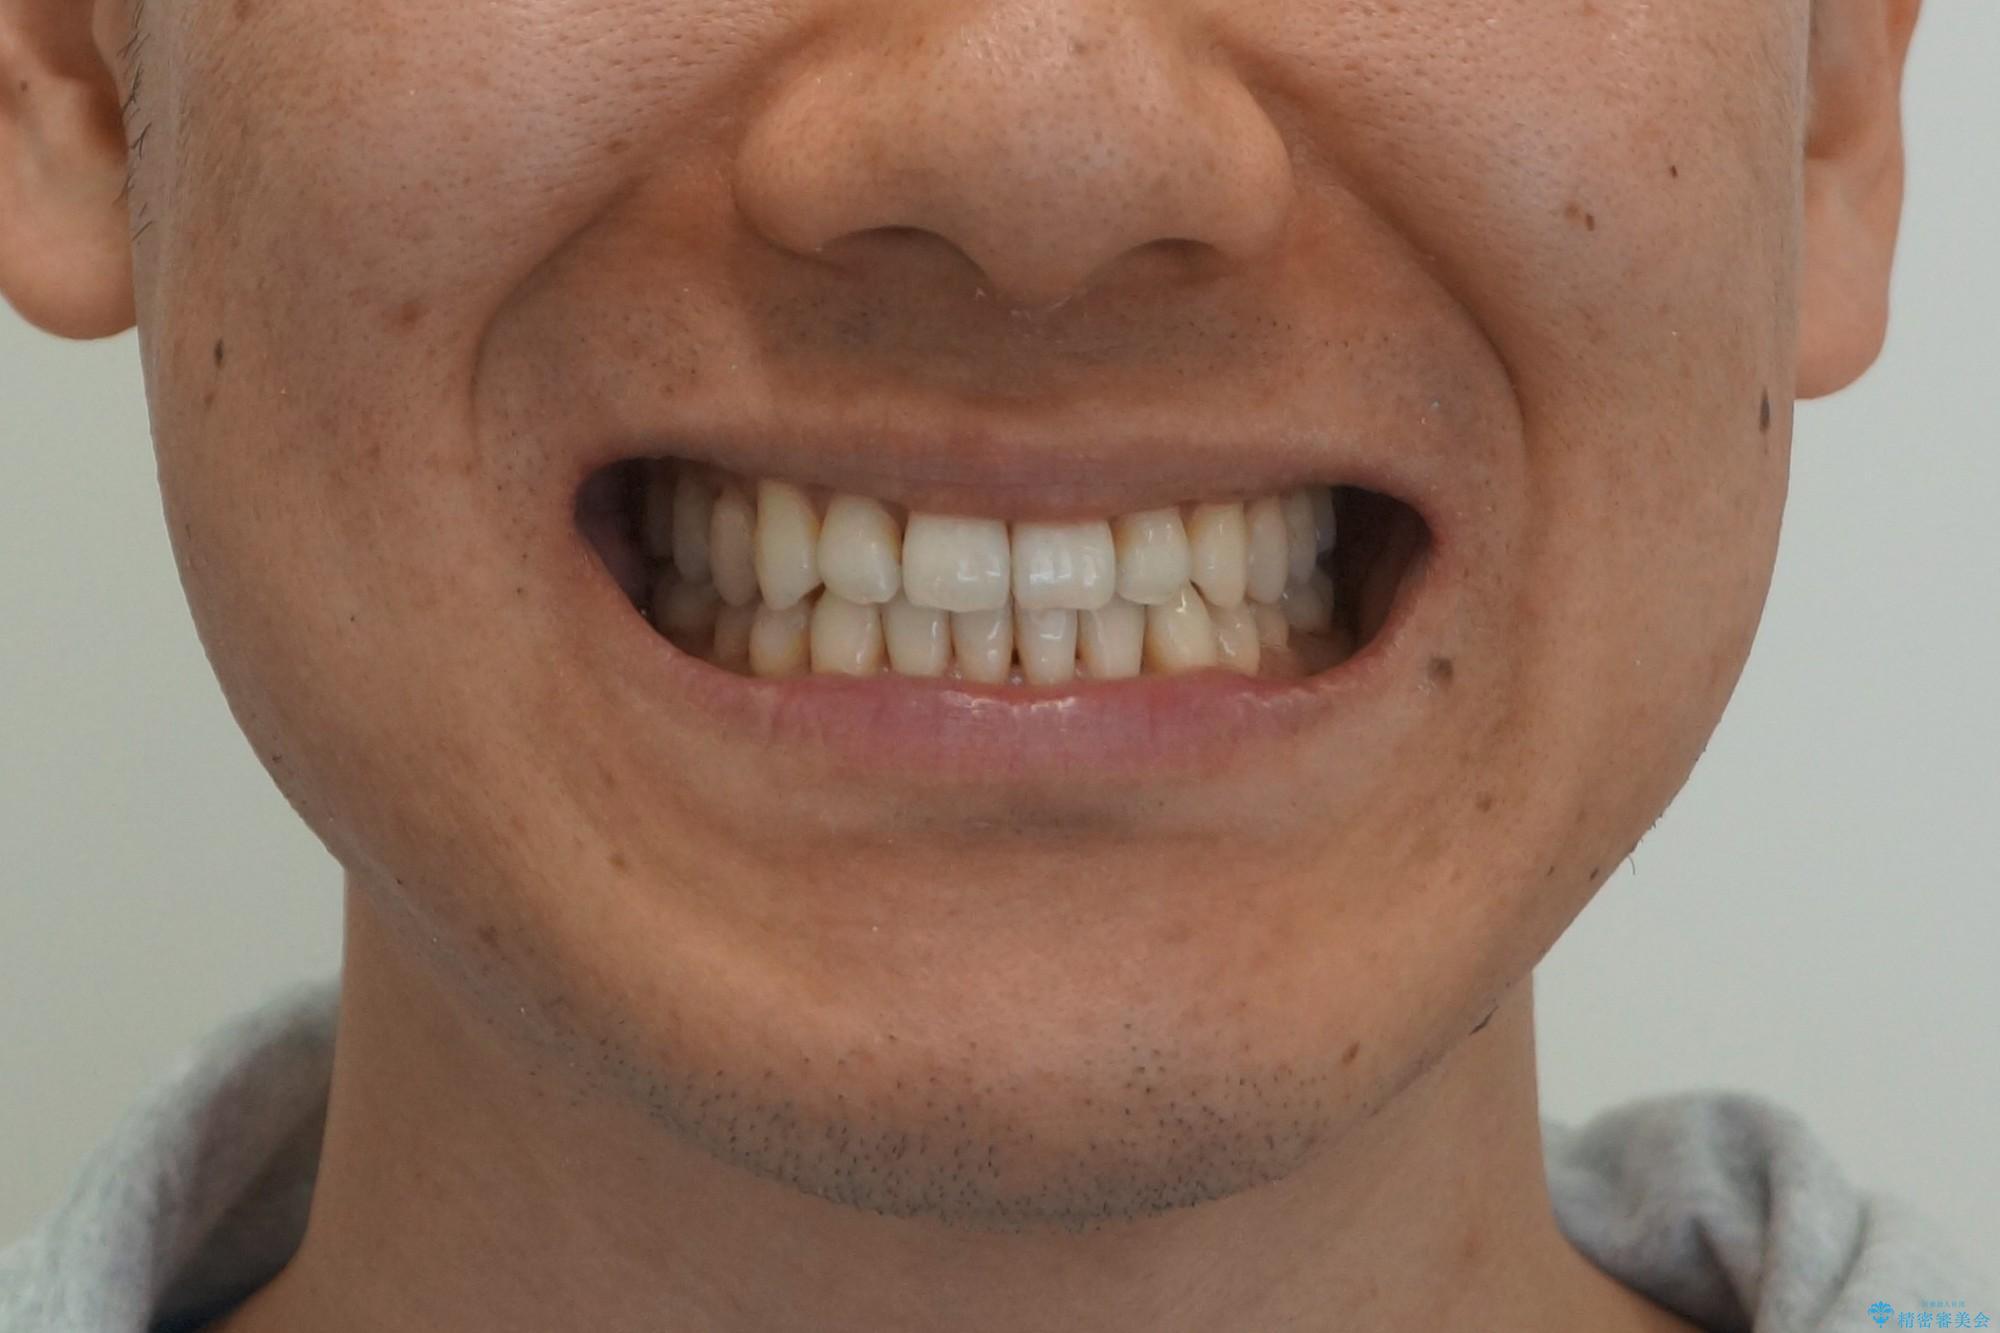 受け口 マウスピースで矯正治療 難易度:中の治療後(顔貌)